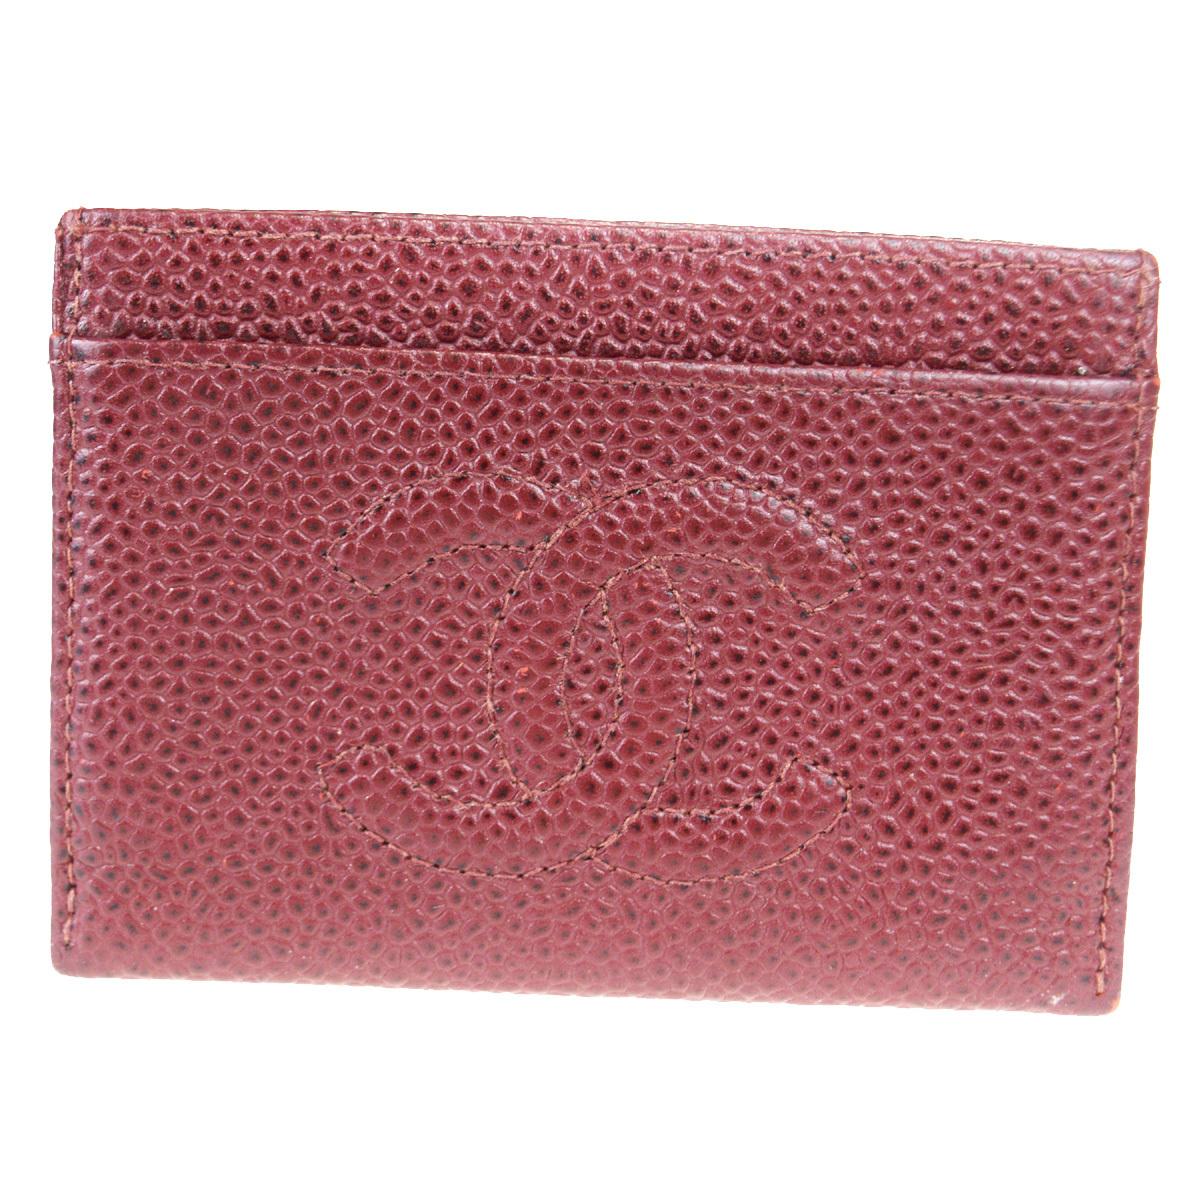 【中古】 シャネル(Chanel) キャビアスキン カードケース ボルドー 09FA749